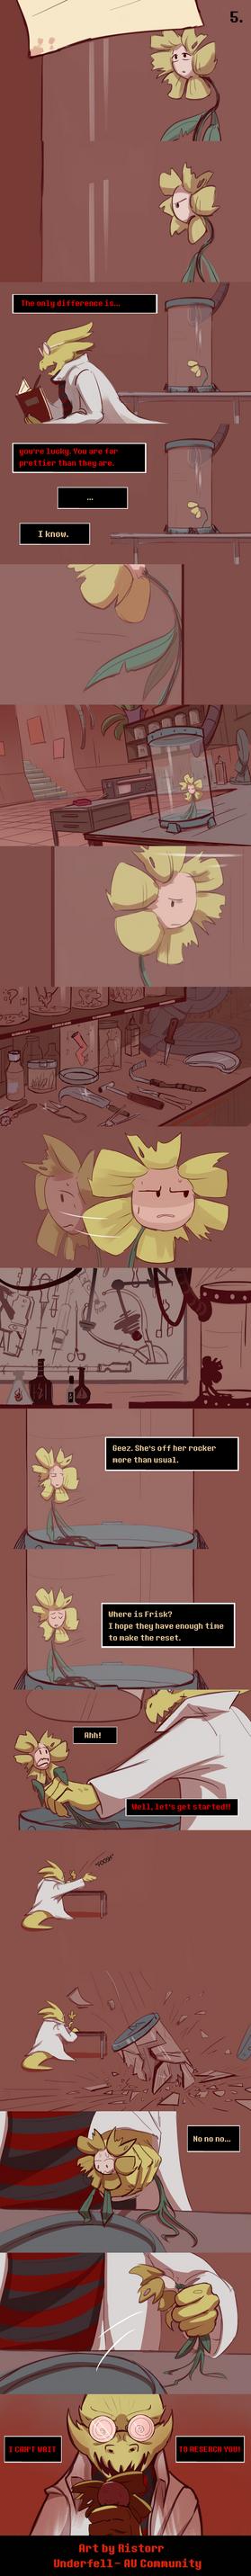 Underfell - Frisk in Alphys's true lab (5) by Ristorr on